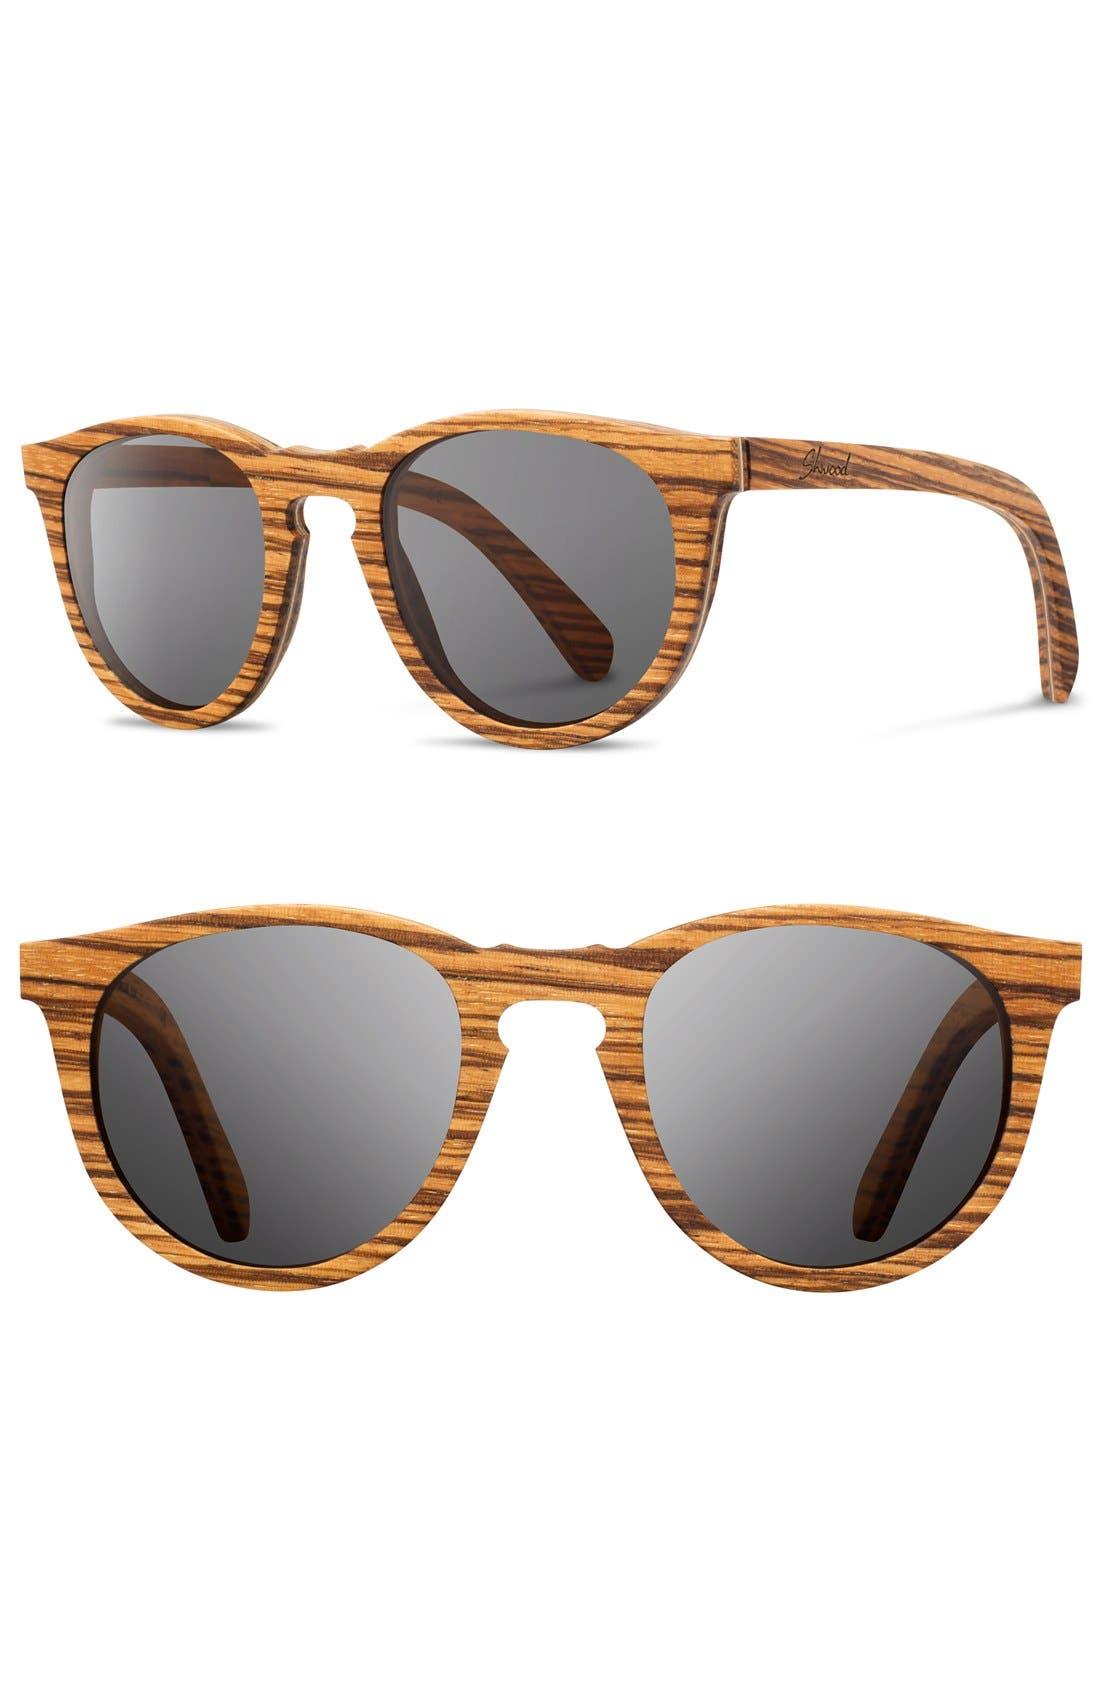 Main Image - Shwood 'Belmont' 48mm Polarized Wood Sunglasses